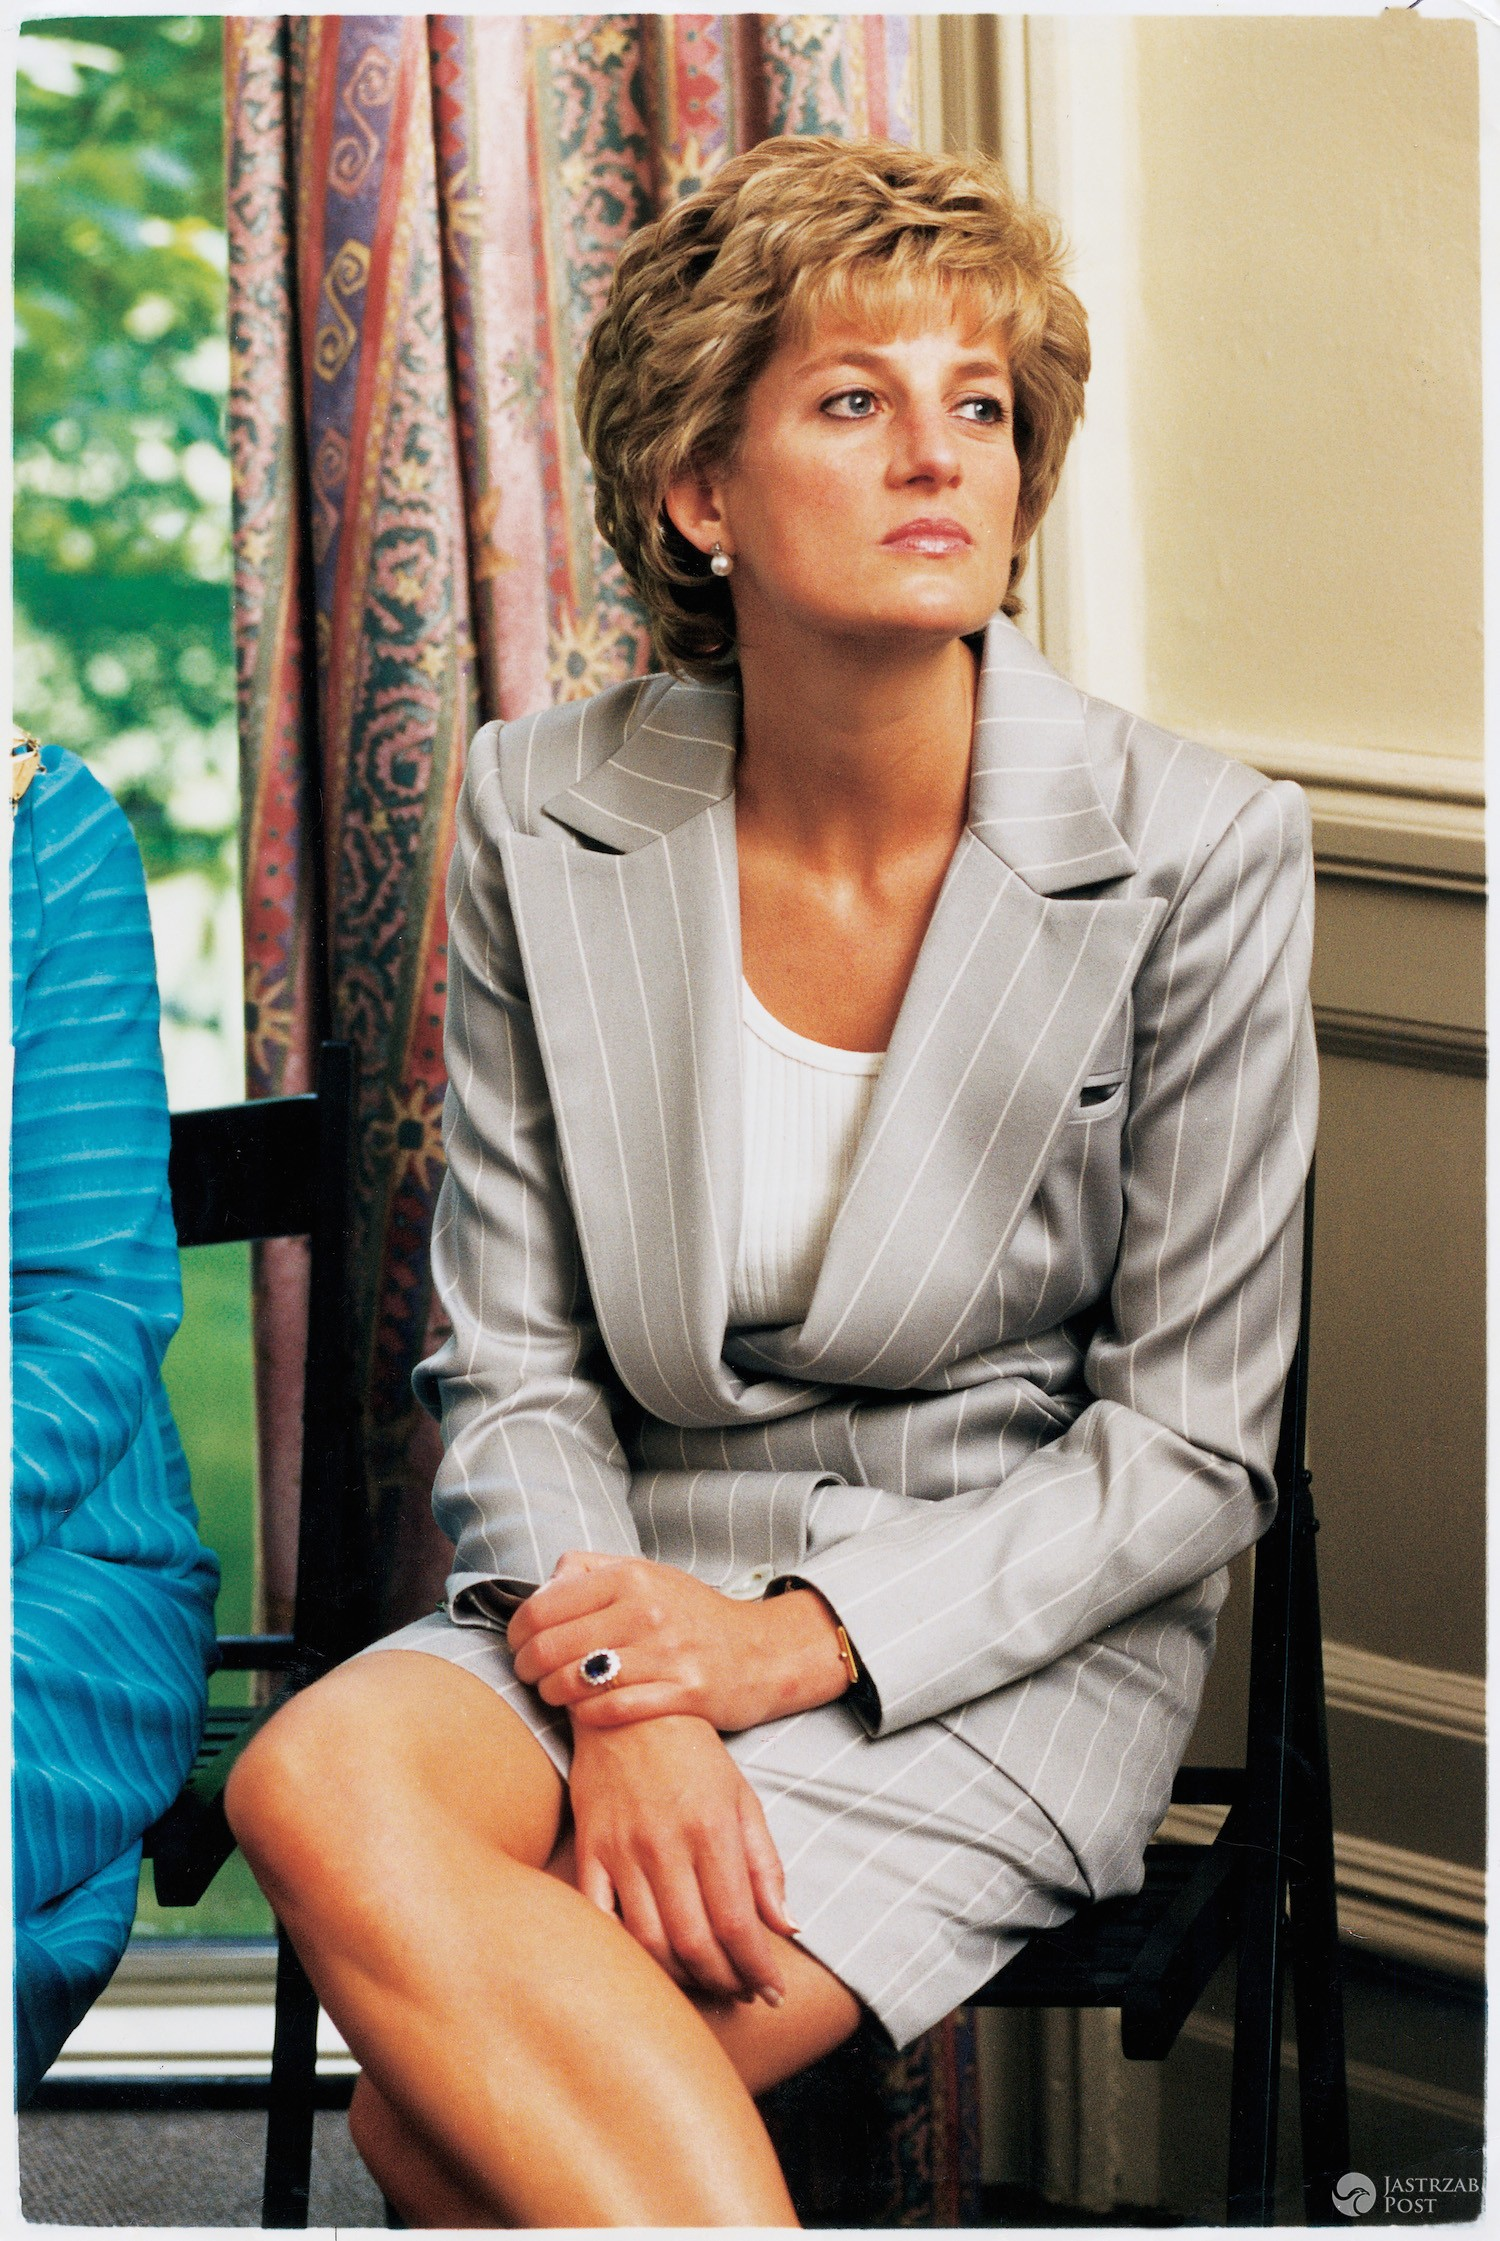 Jak księżna Diana dbała o figurę?